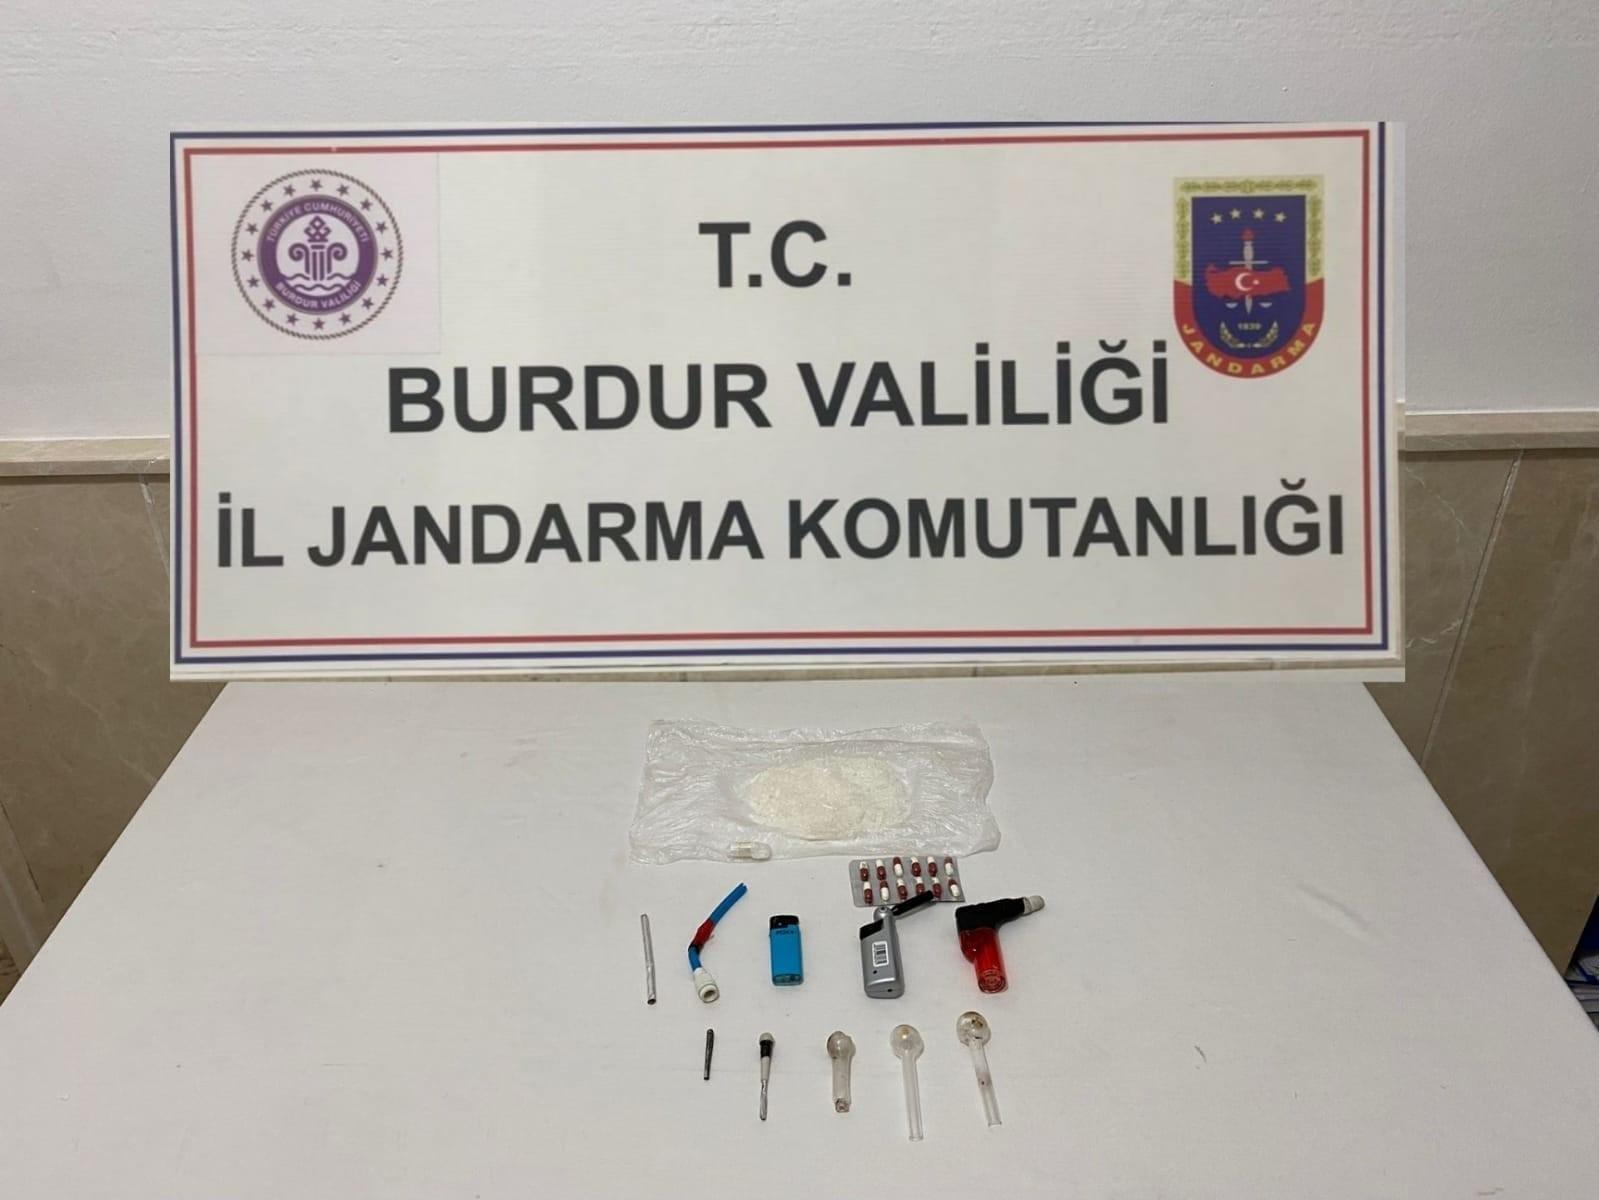 Burdur'da uyuşturucu operasyonu #burdur